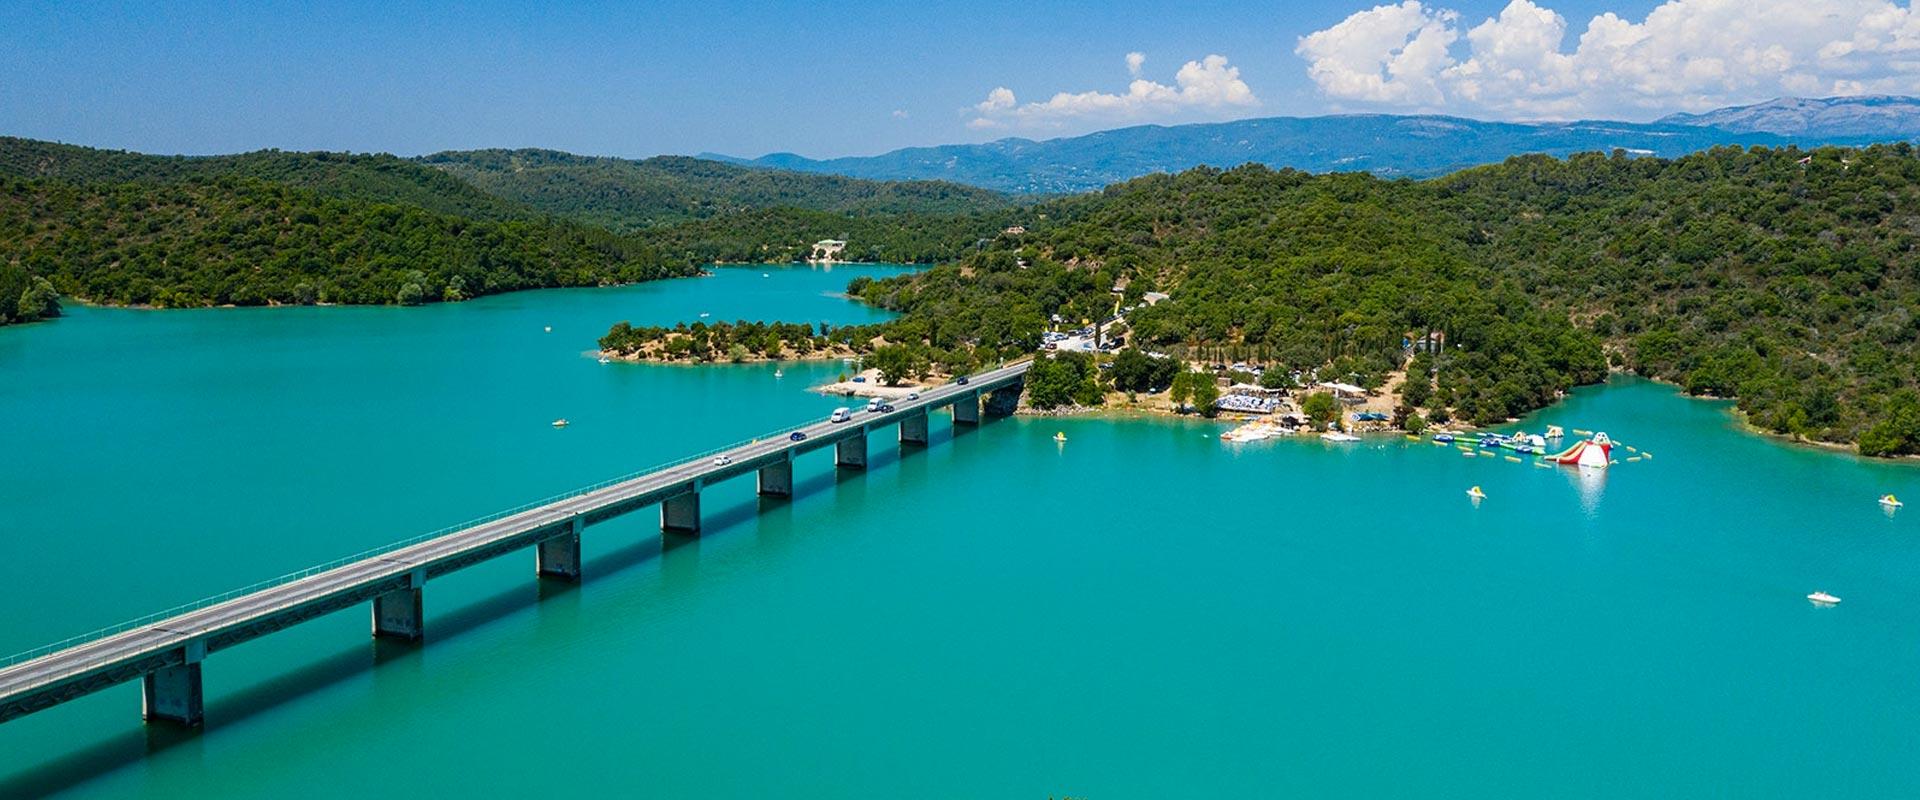 Luchtfoto van het meer van Saint-Cassien